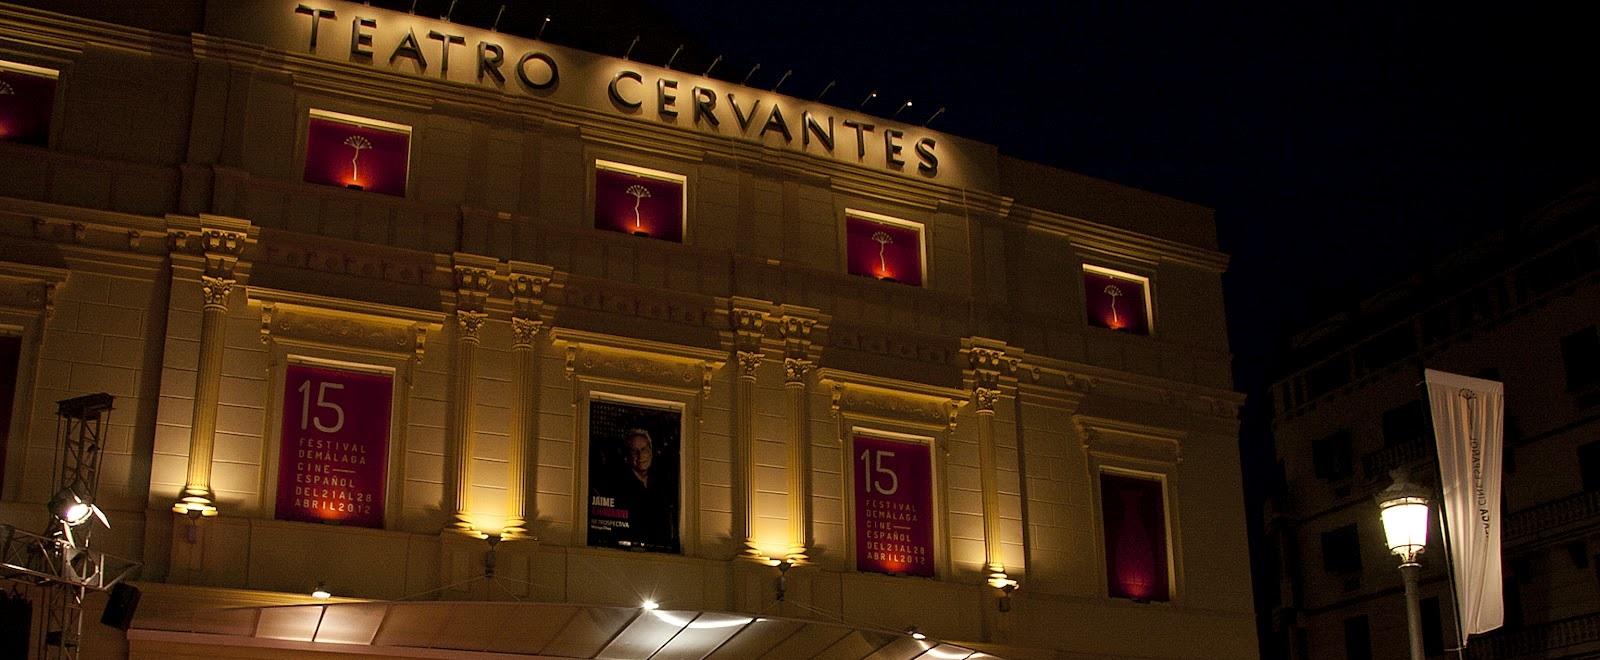 12.Teatro Cervantes